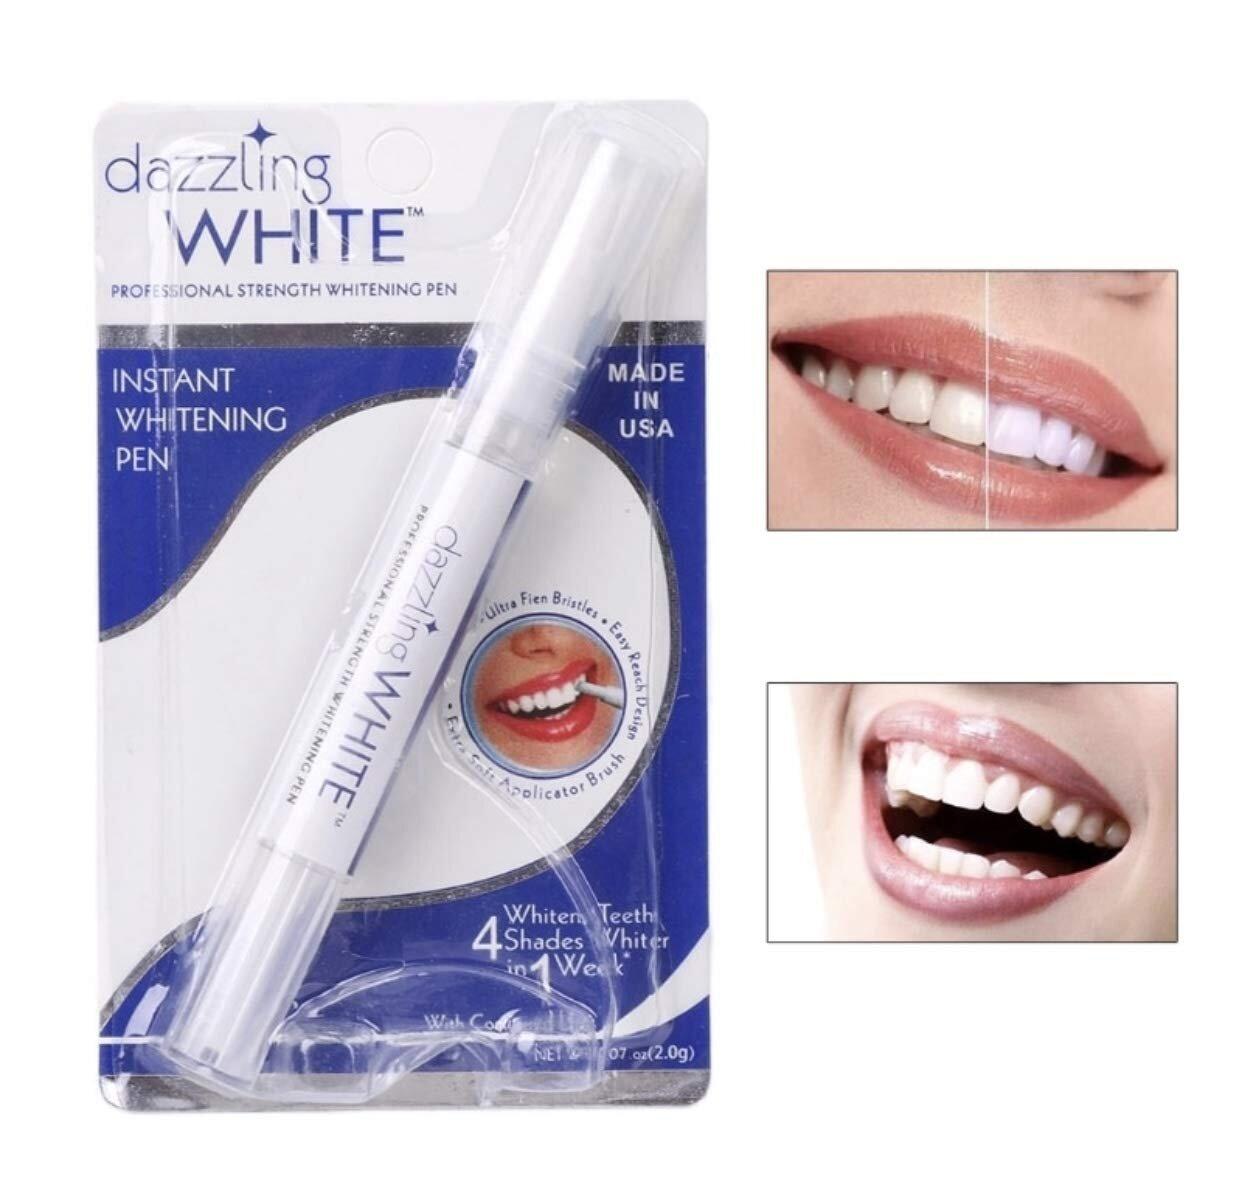 Dazzling White có xuất xứ từ nước Mỹ được bán rộng rãi trên toàn thế giới